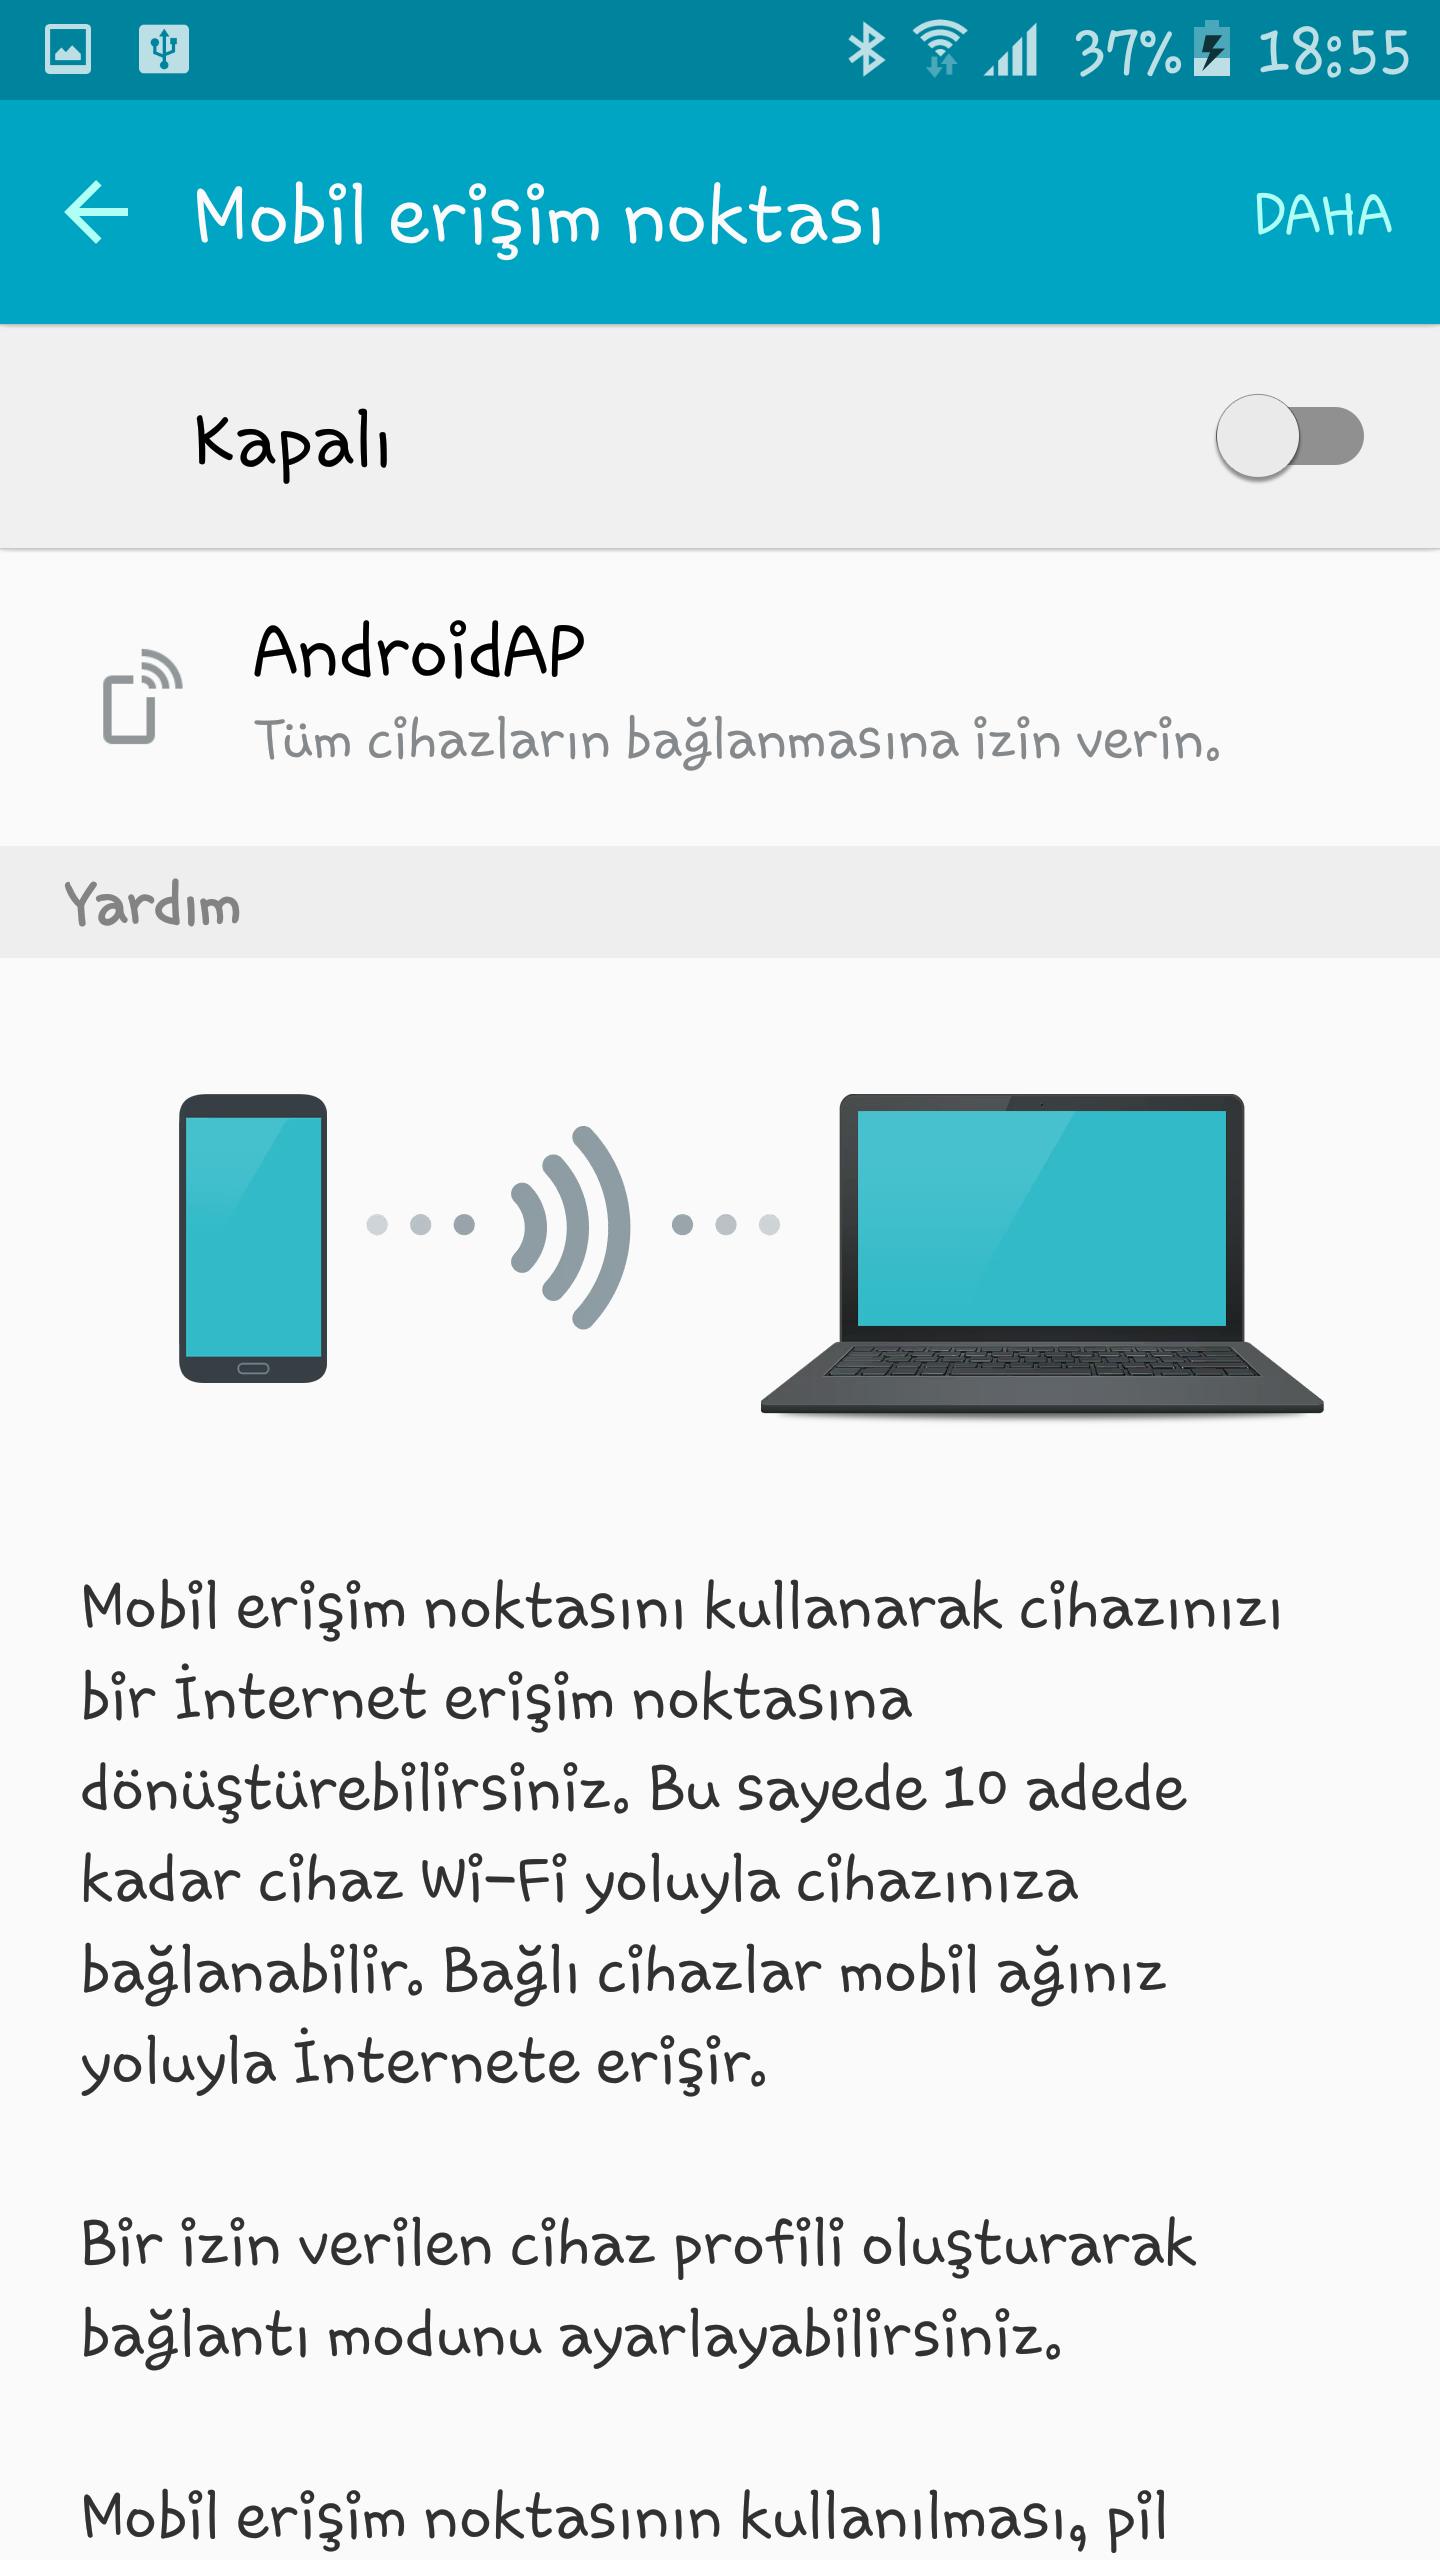 Internete bağlanmak için telefonunuzu modem olarak kullanın